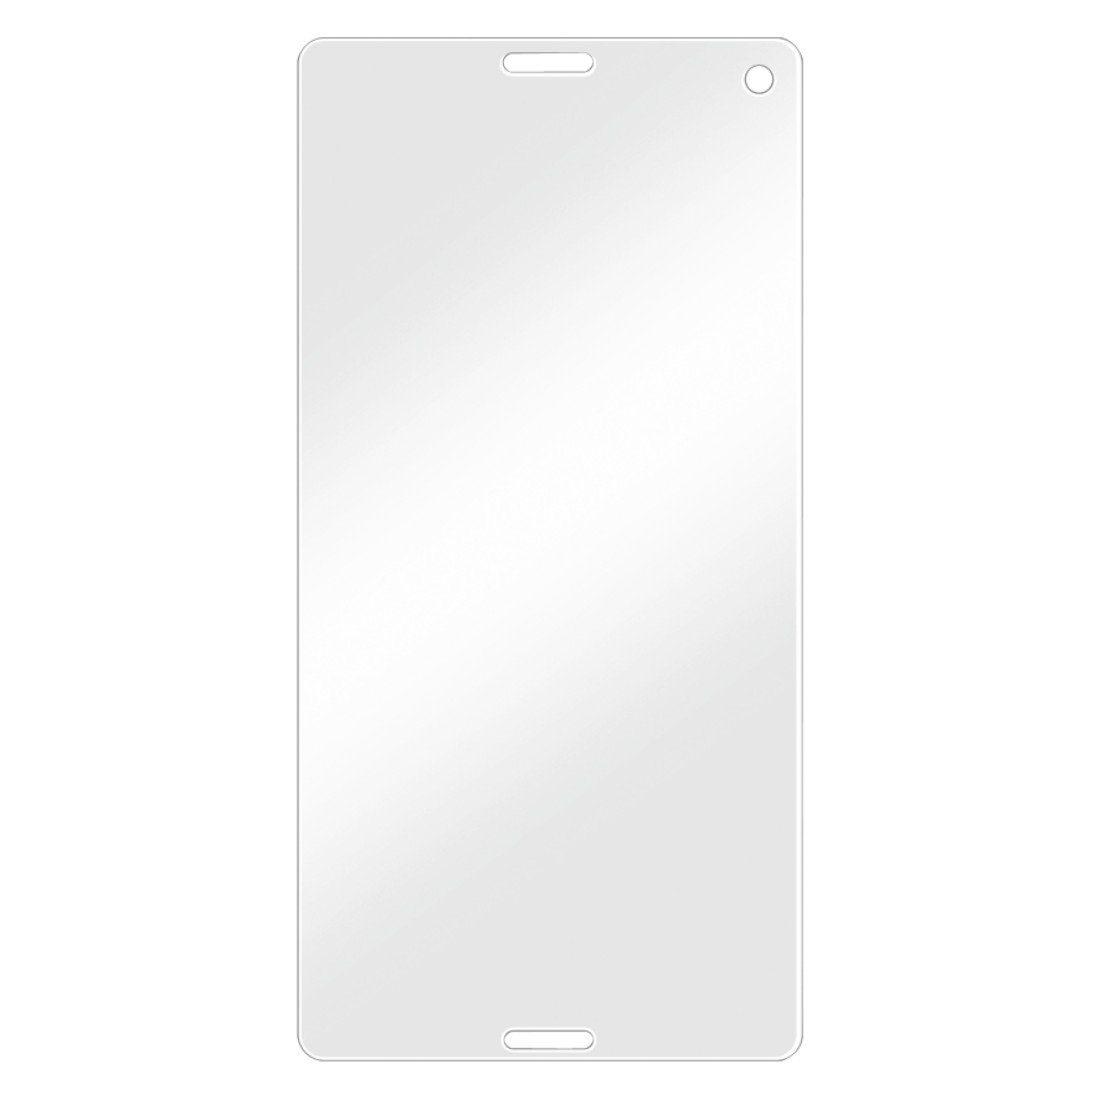 Hama Displayschutzfolie für Sony Xperia Z5 Compact 2er Set Folie »Displayschutz Schutzfolie«